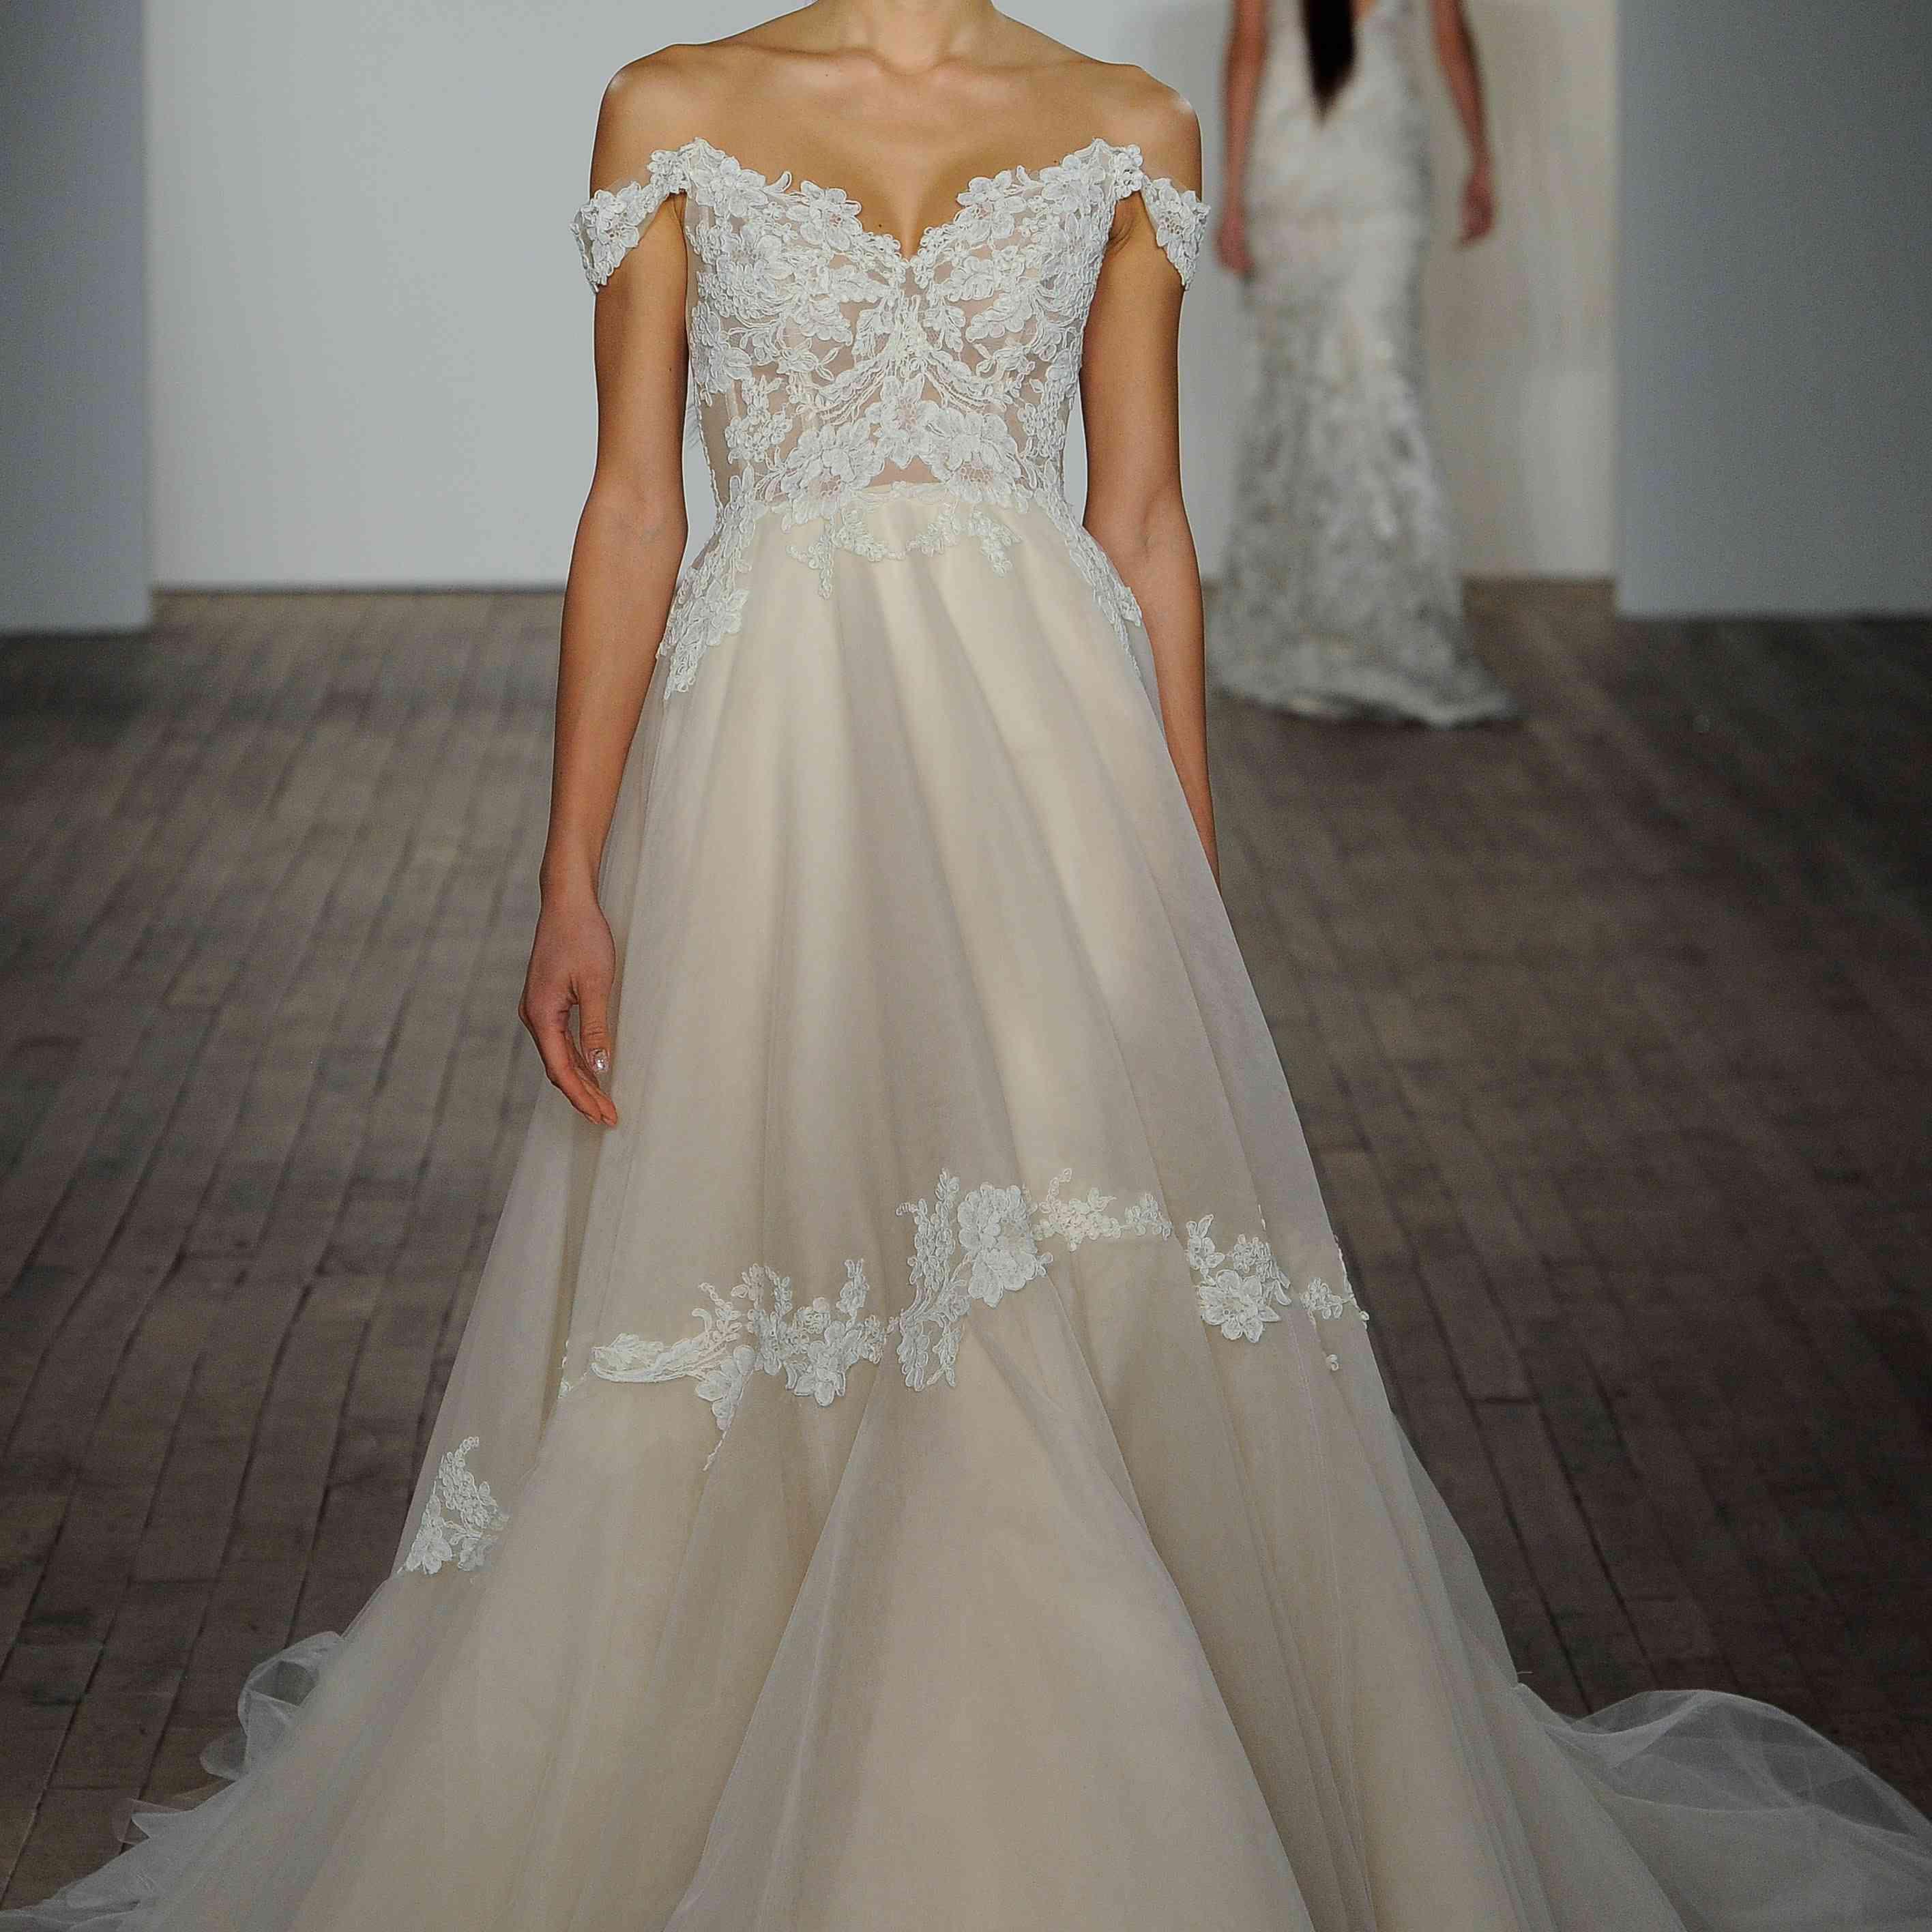 Jaden off-the-shoulder wedding dress lazaro